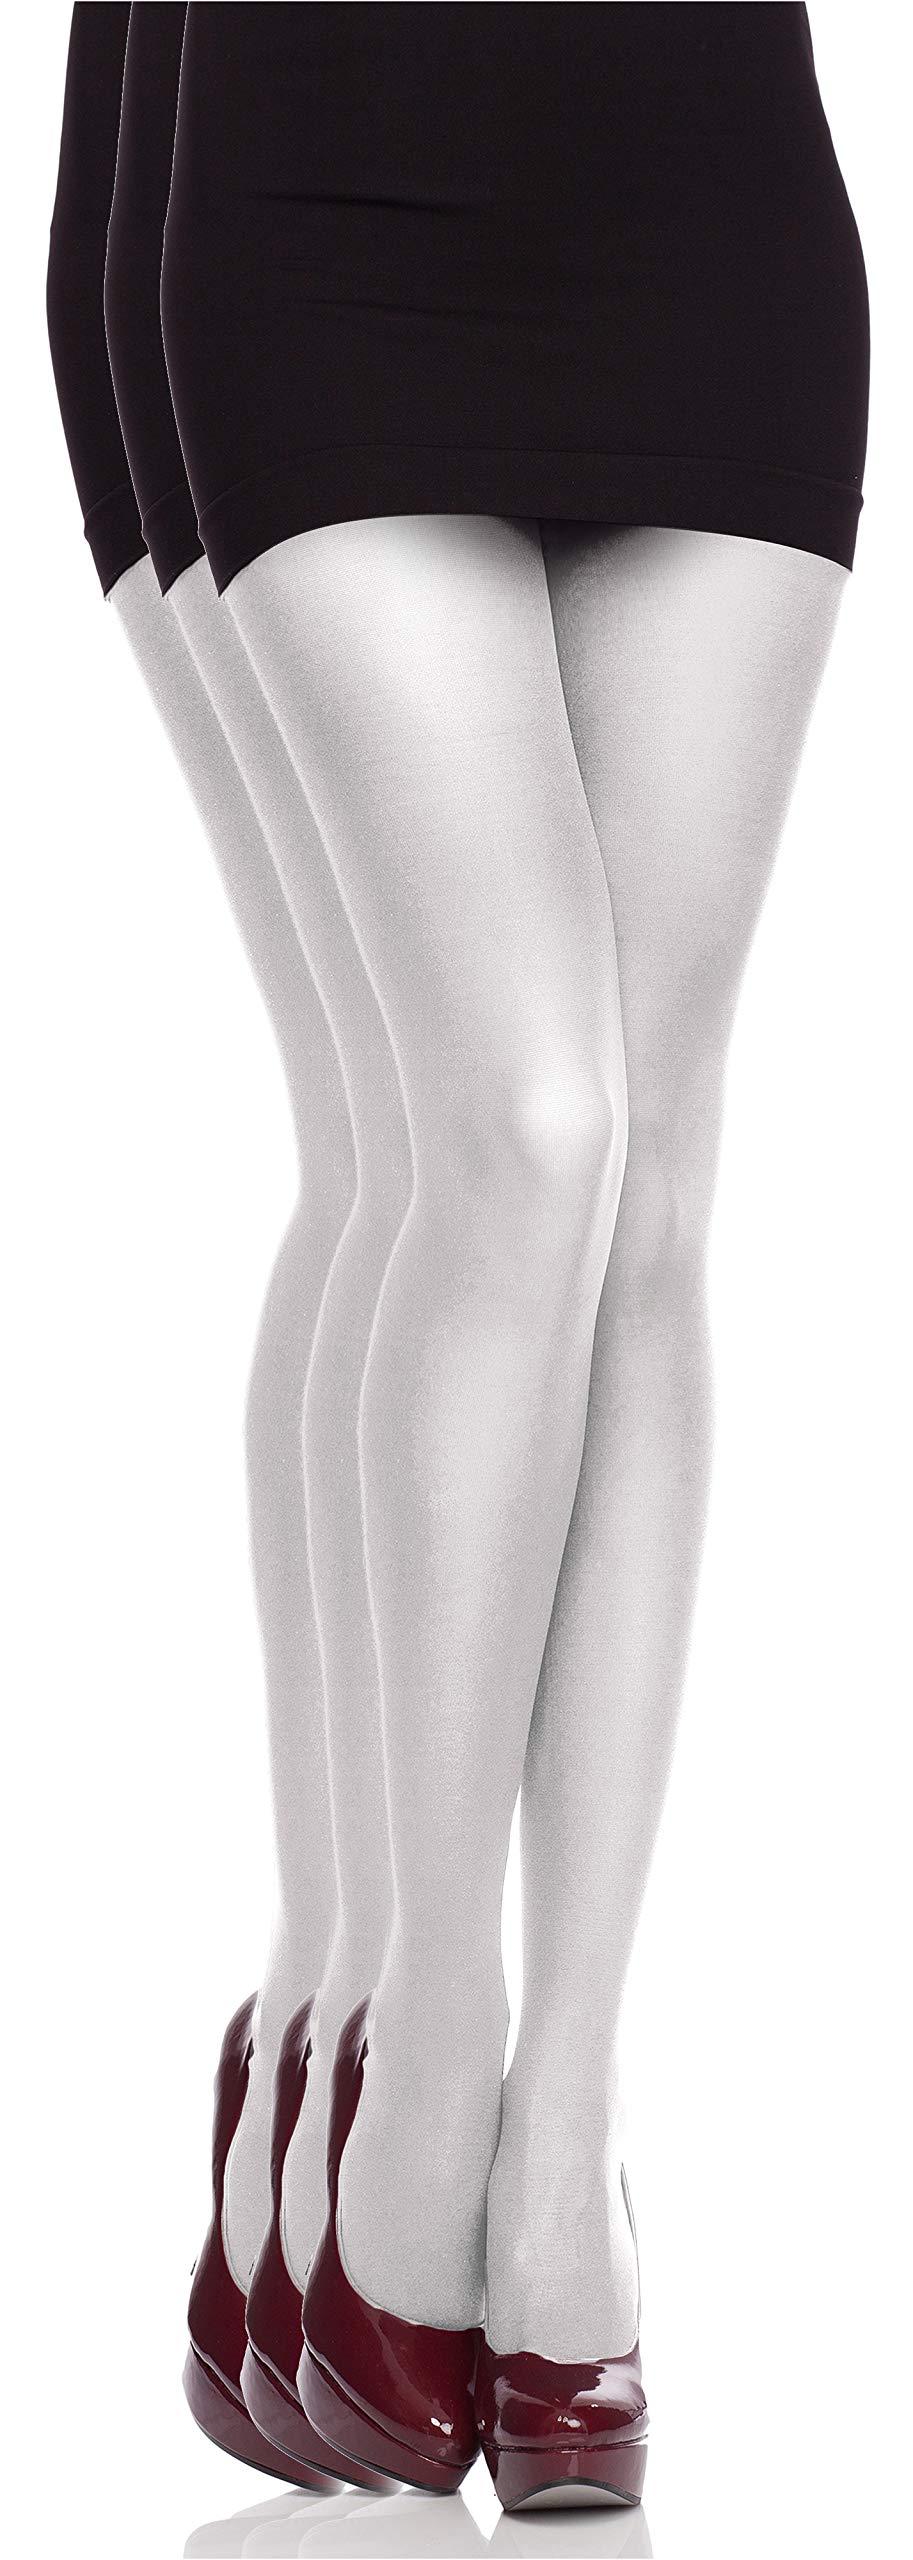 Collant da donna in cotone caldo morbido opaco Nero Antracite S-M-L-XL